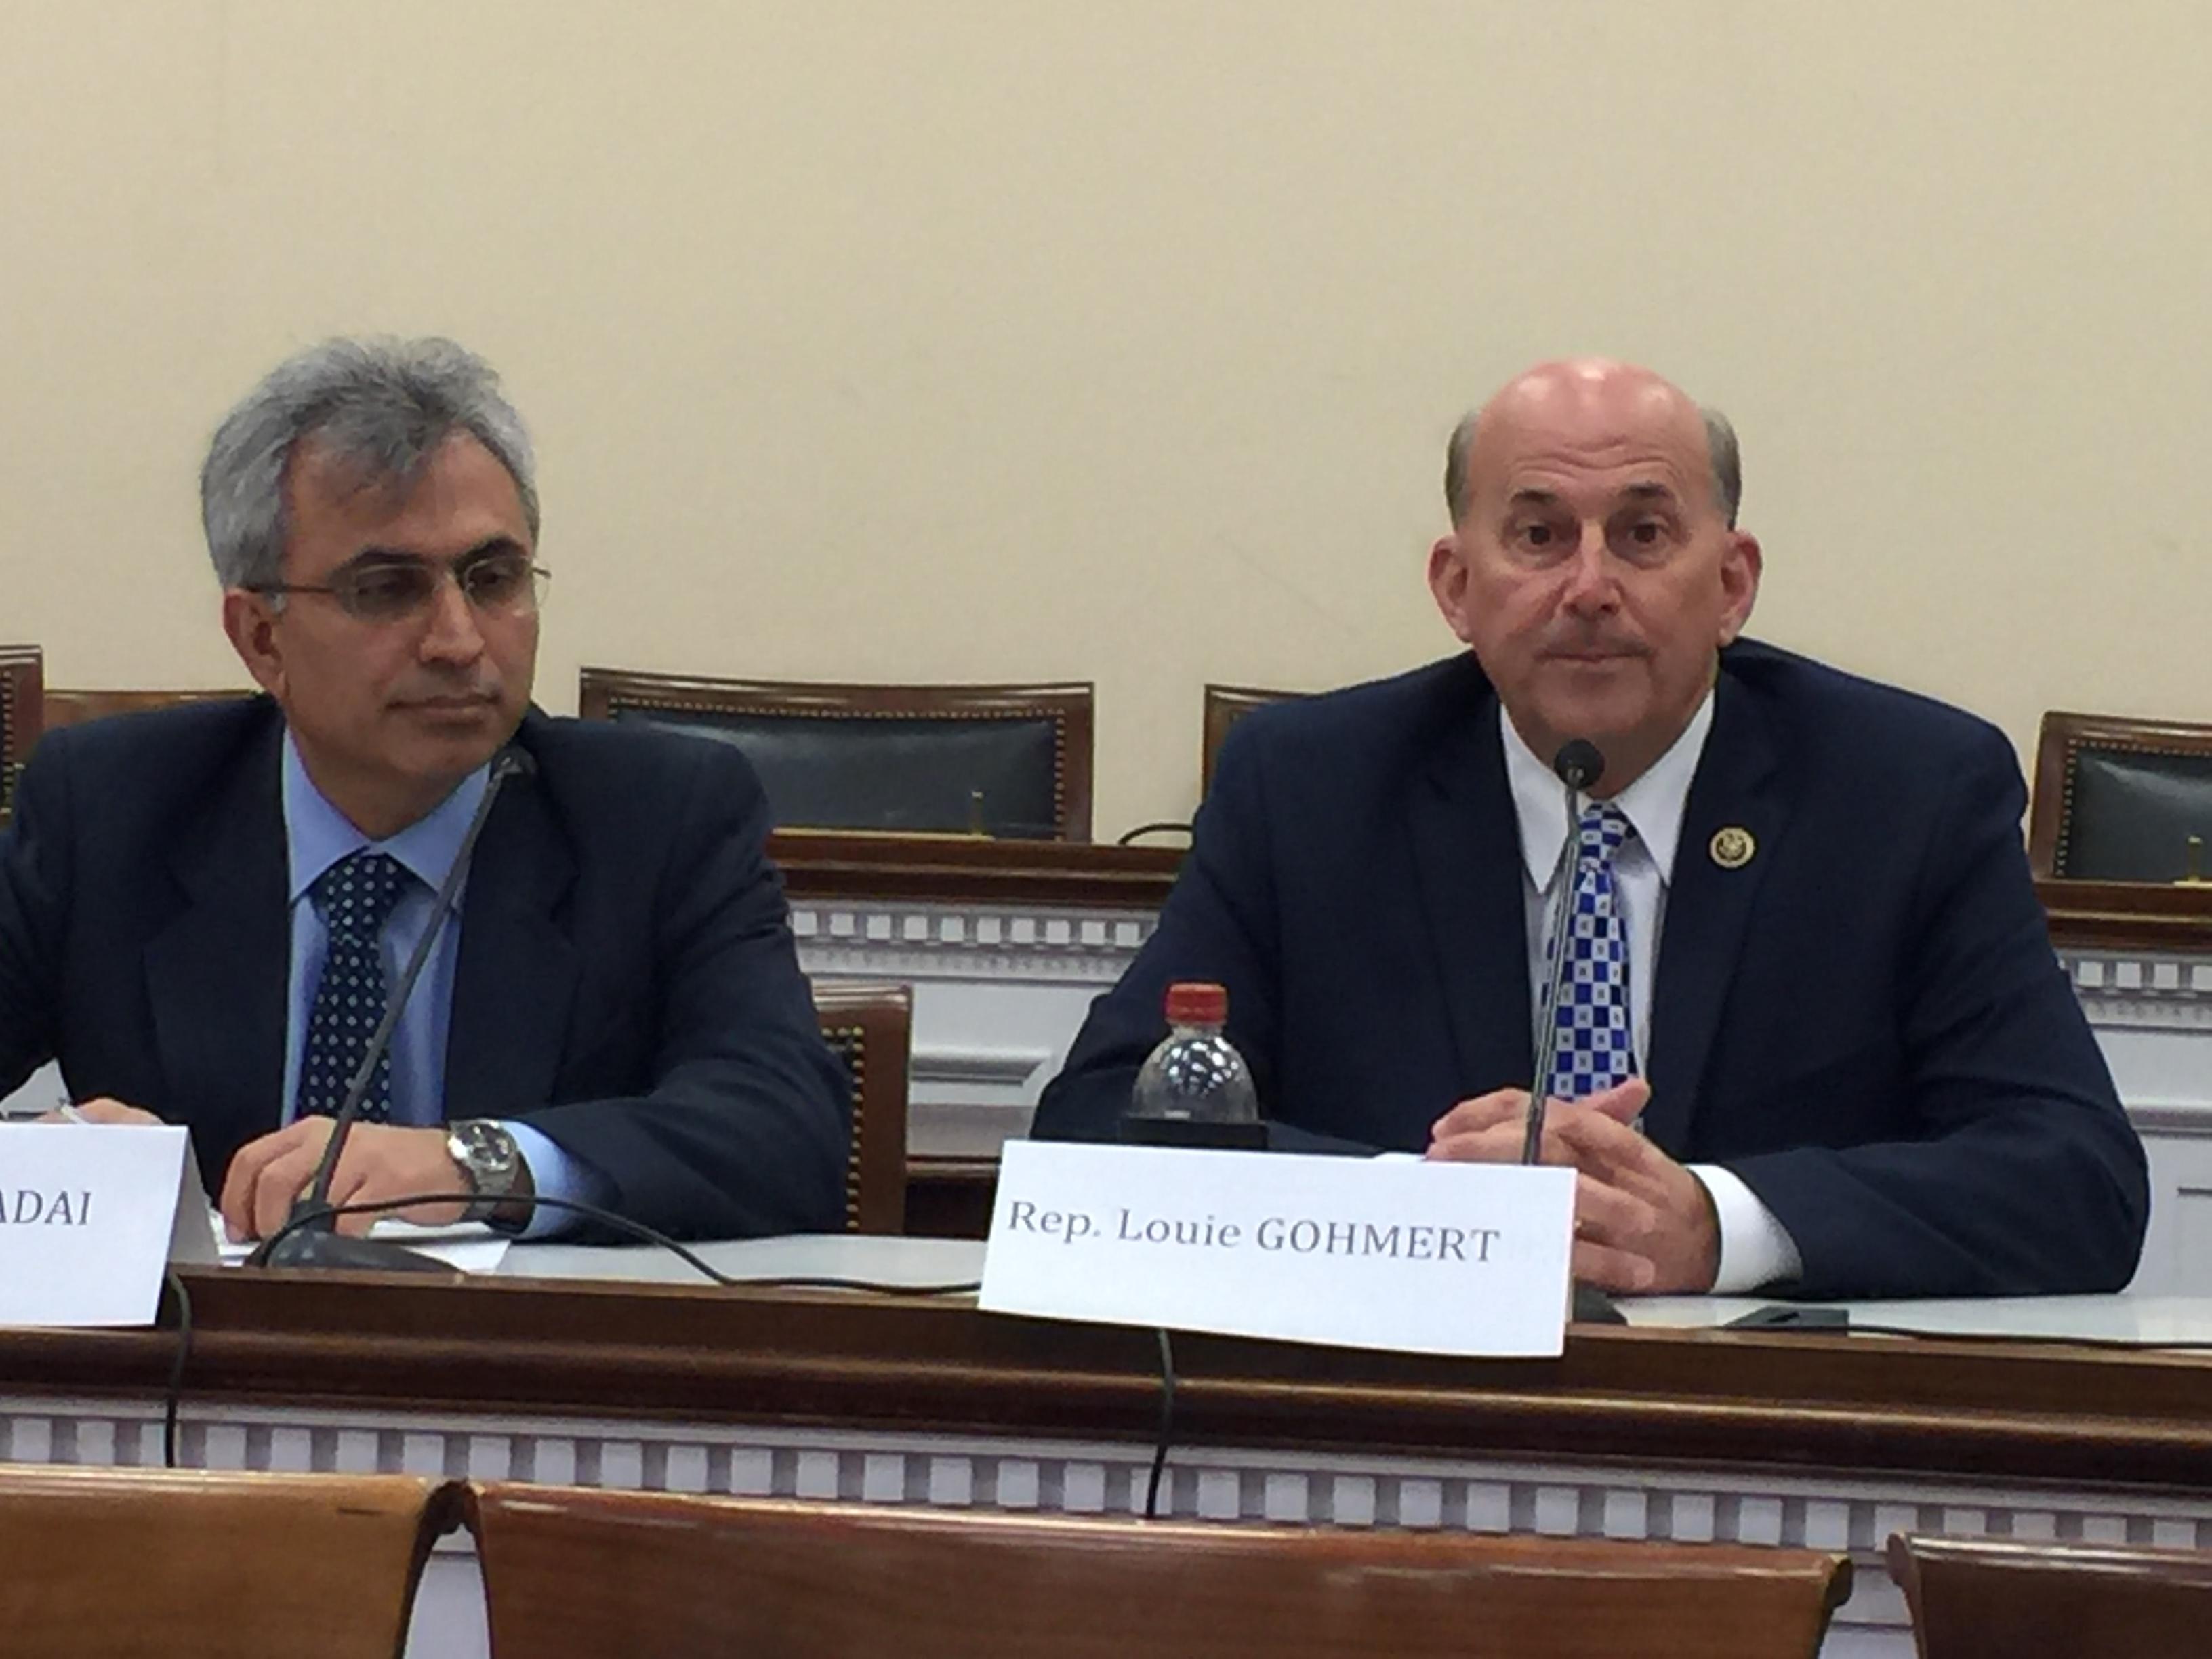 امریکہ کی بلوچستان کے لوگوں سے تنازع کے حل کی اپیل